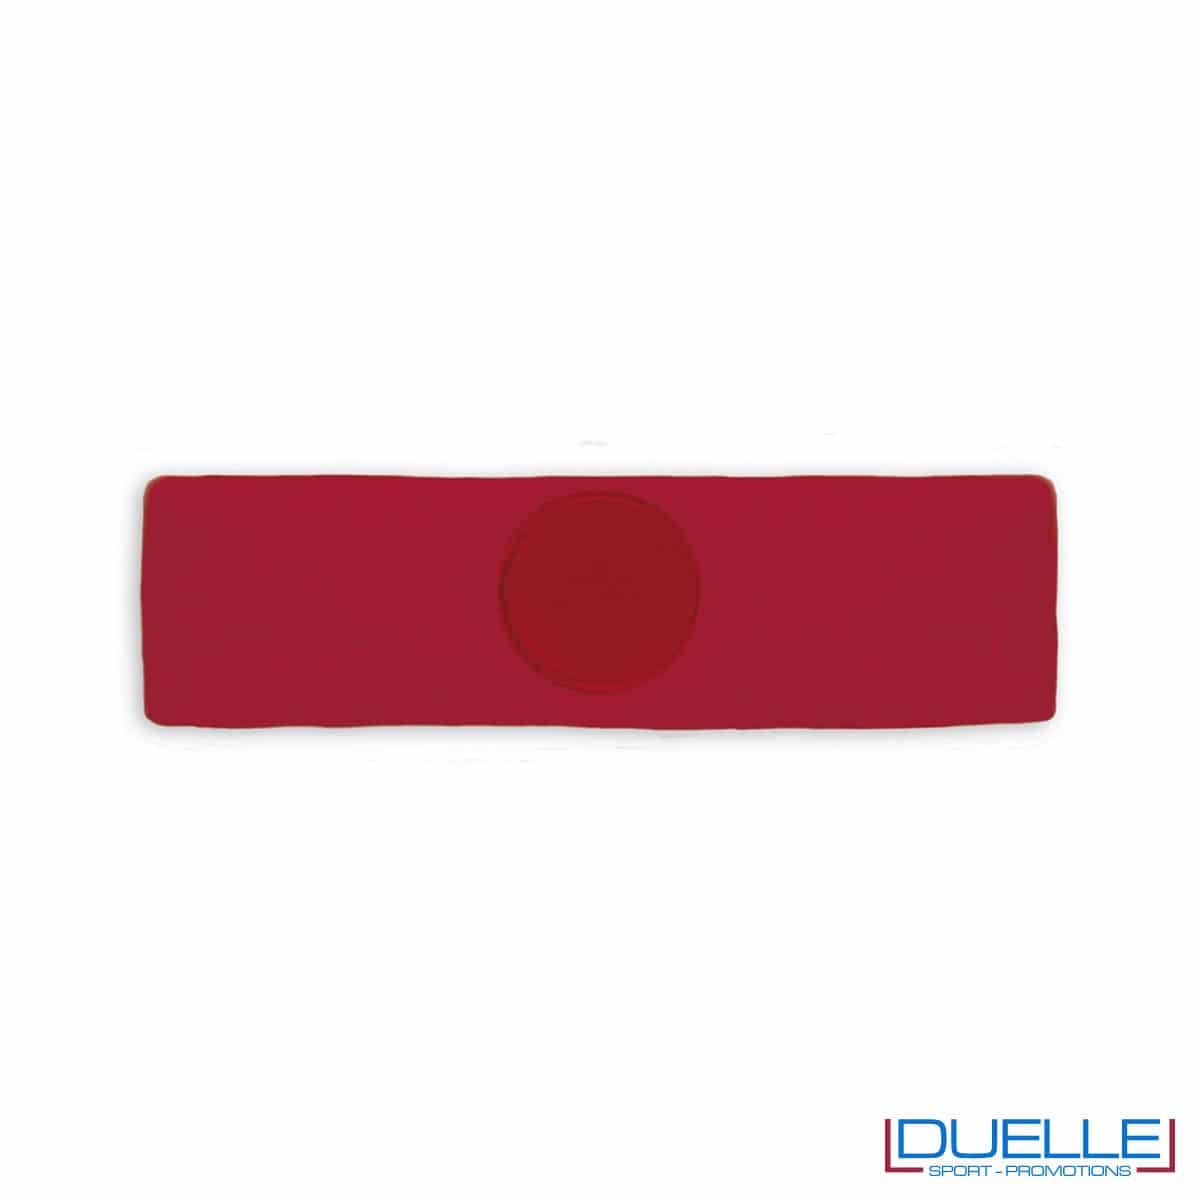 fascia tennis tergisudore rossa